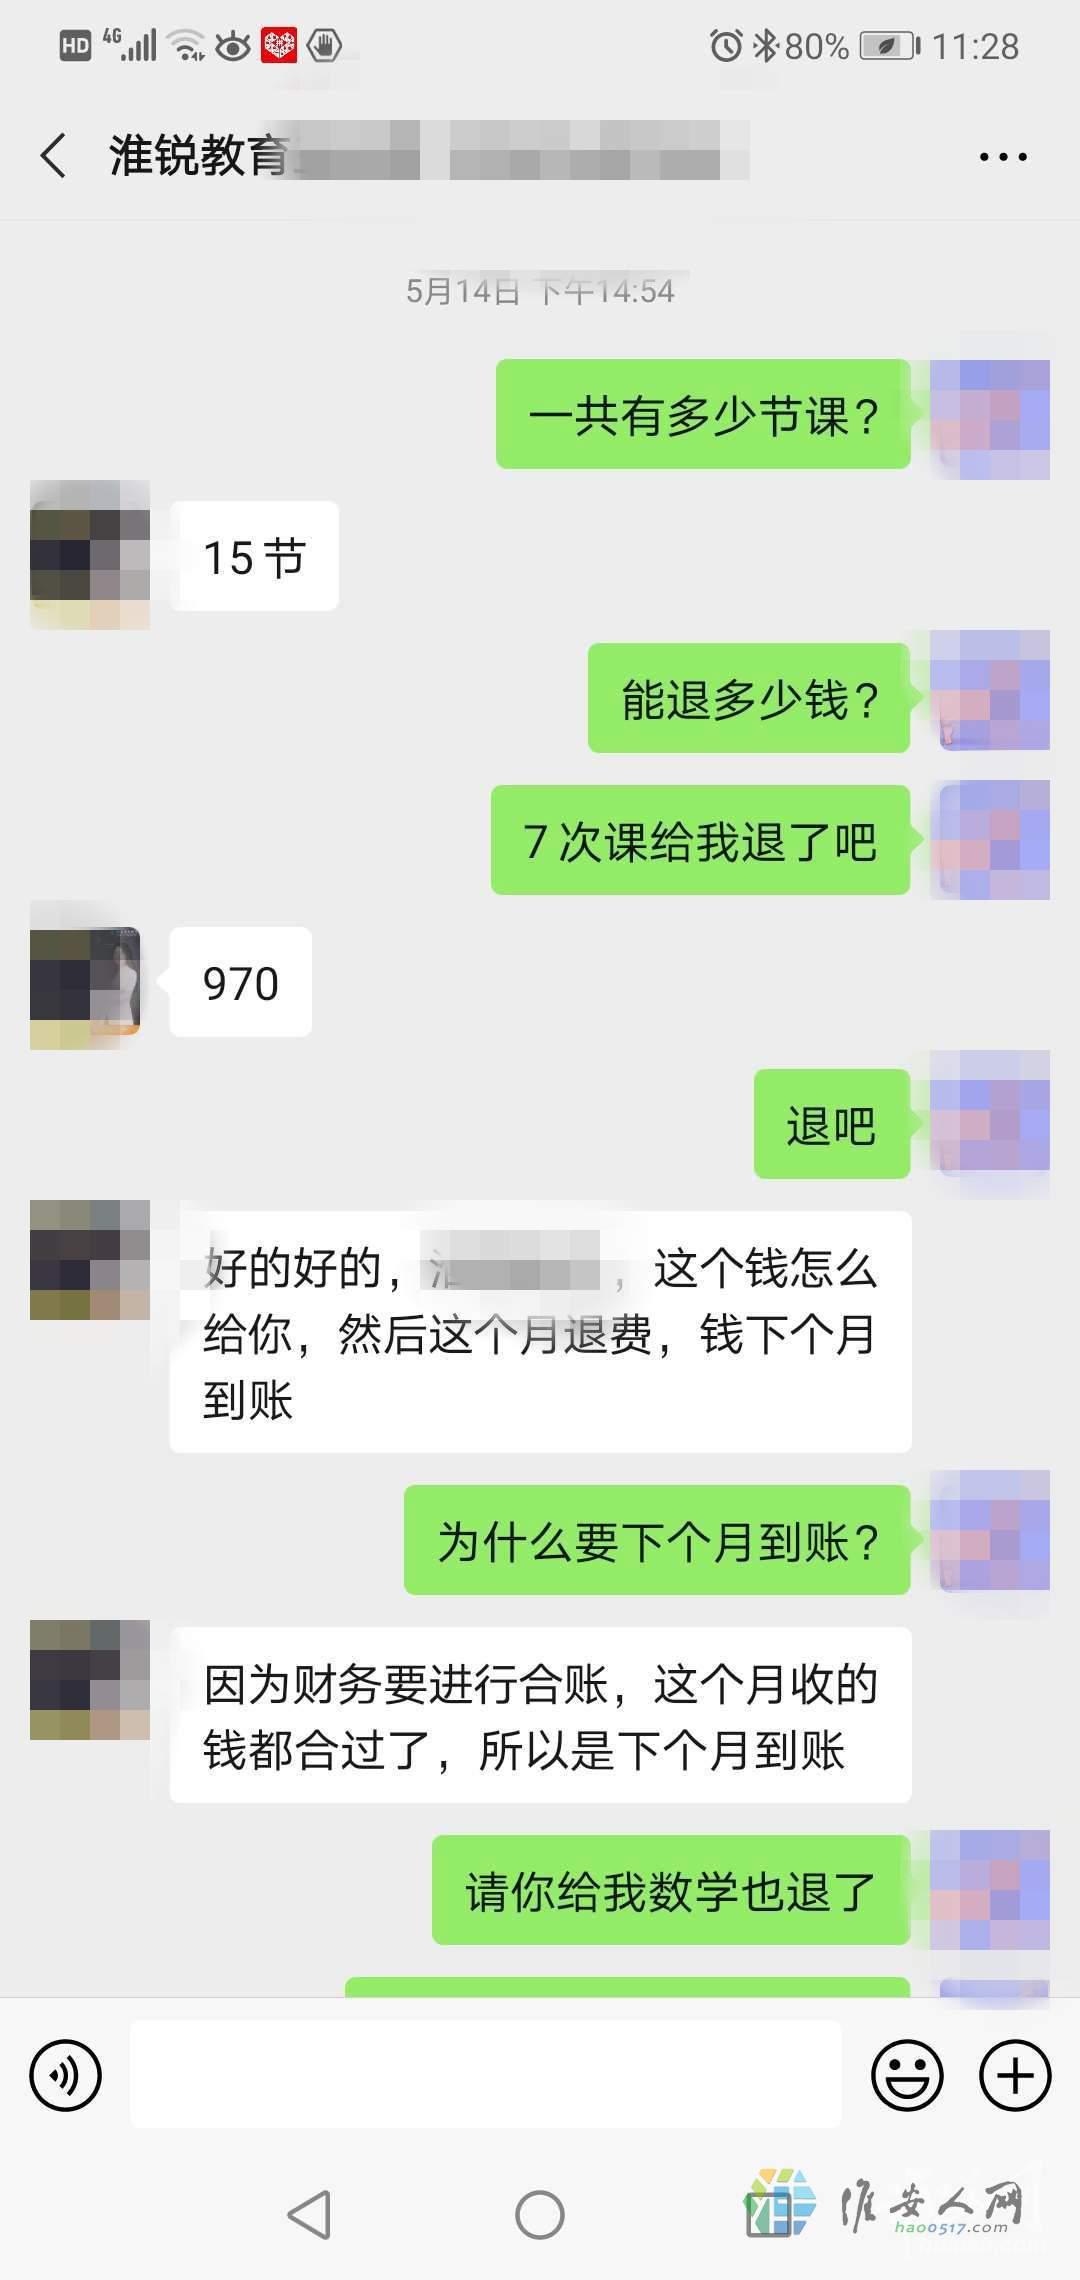 1596532294330247_310.jpg